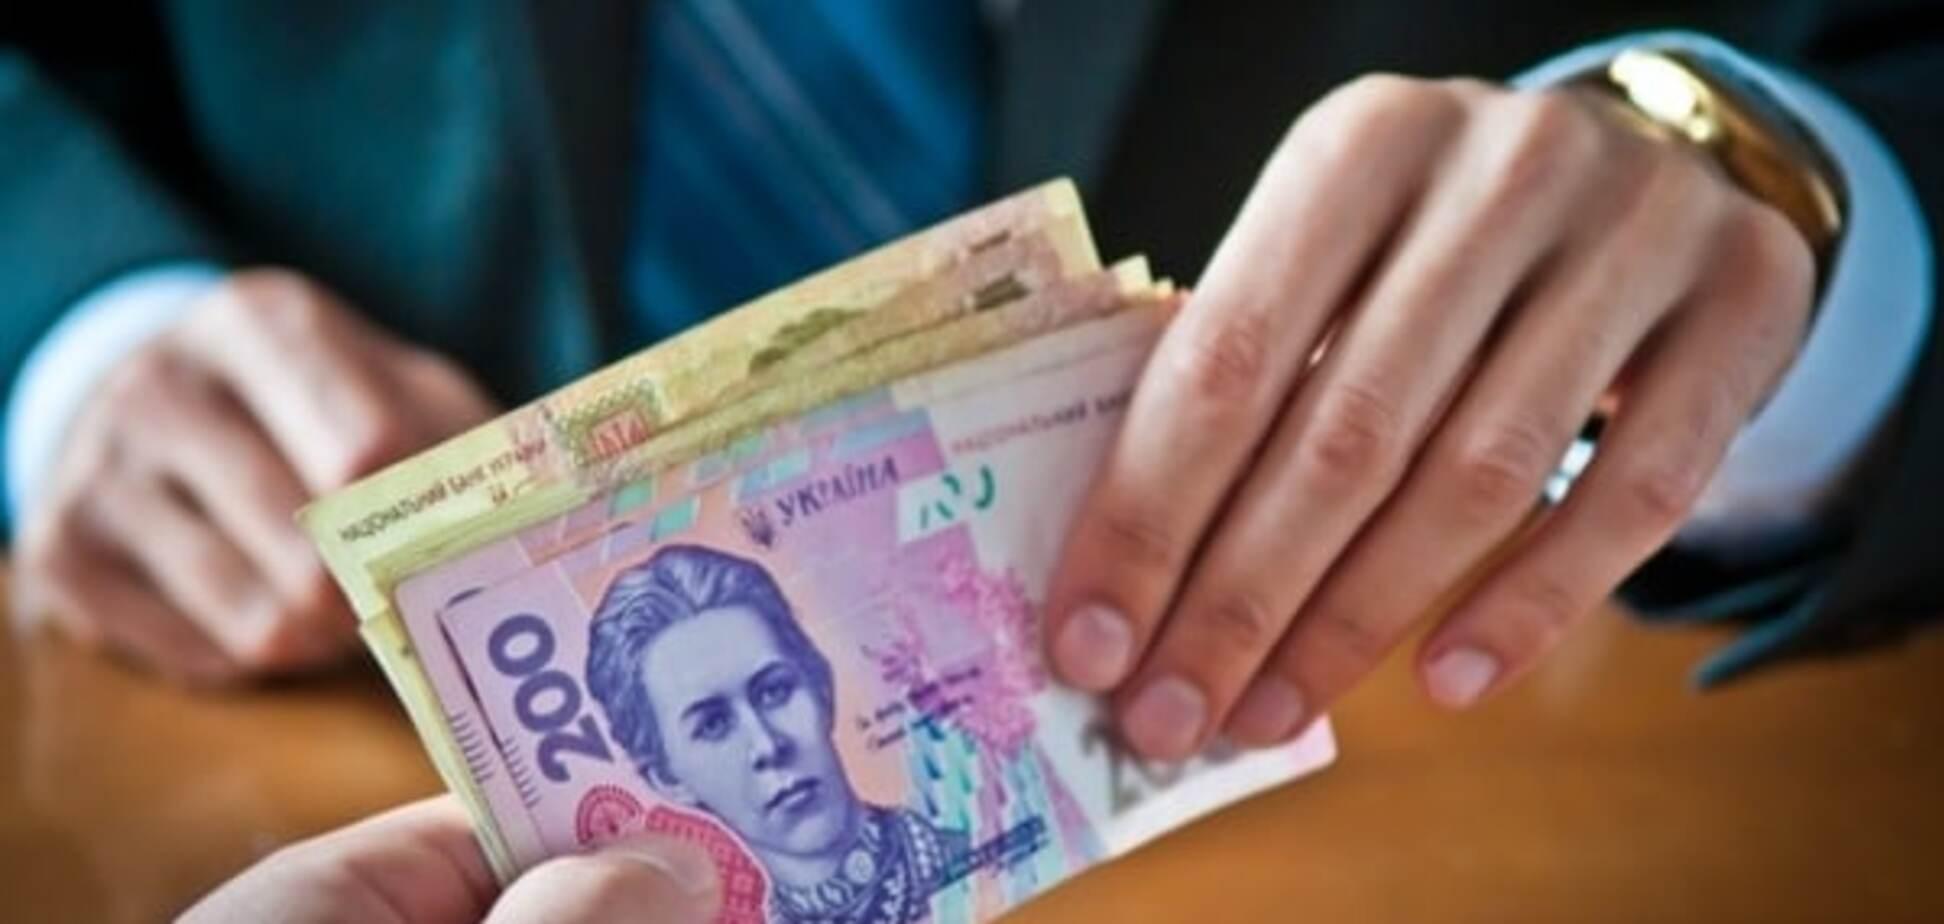 Ілюзія змін: як зміняться зарплати українців у 2016 році